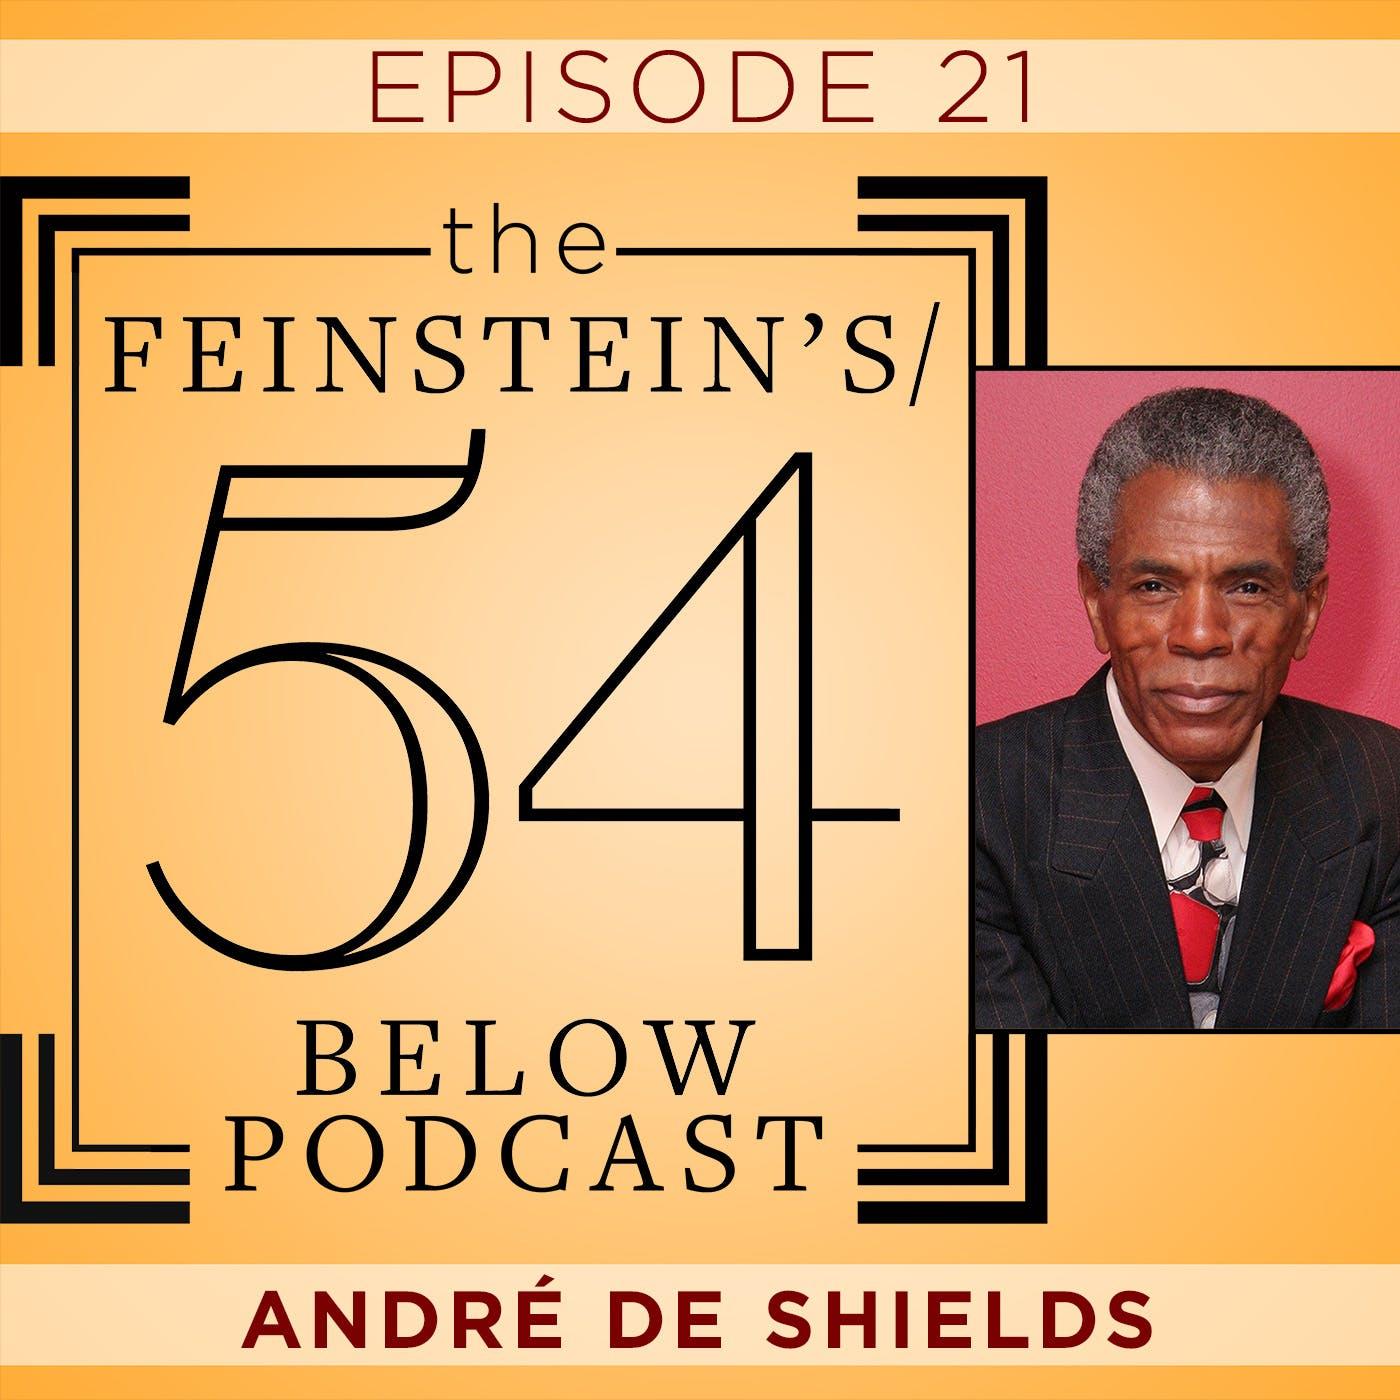 Episode 21: ANDRÉ DE SHIELDS